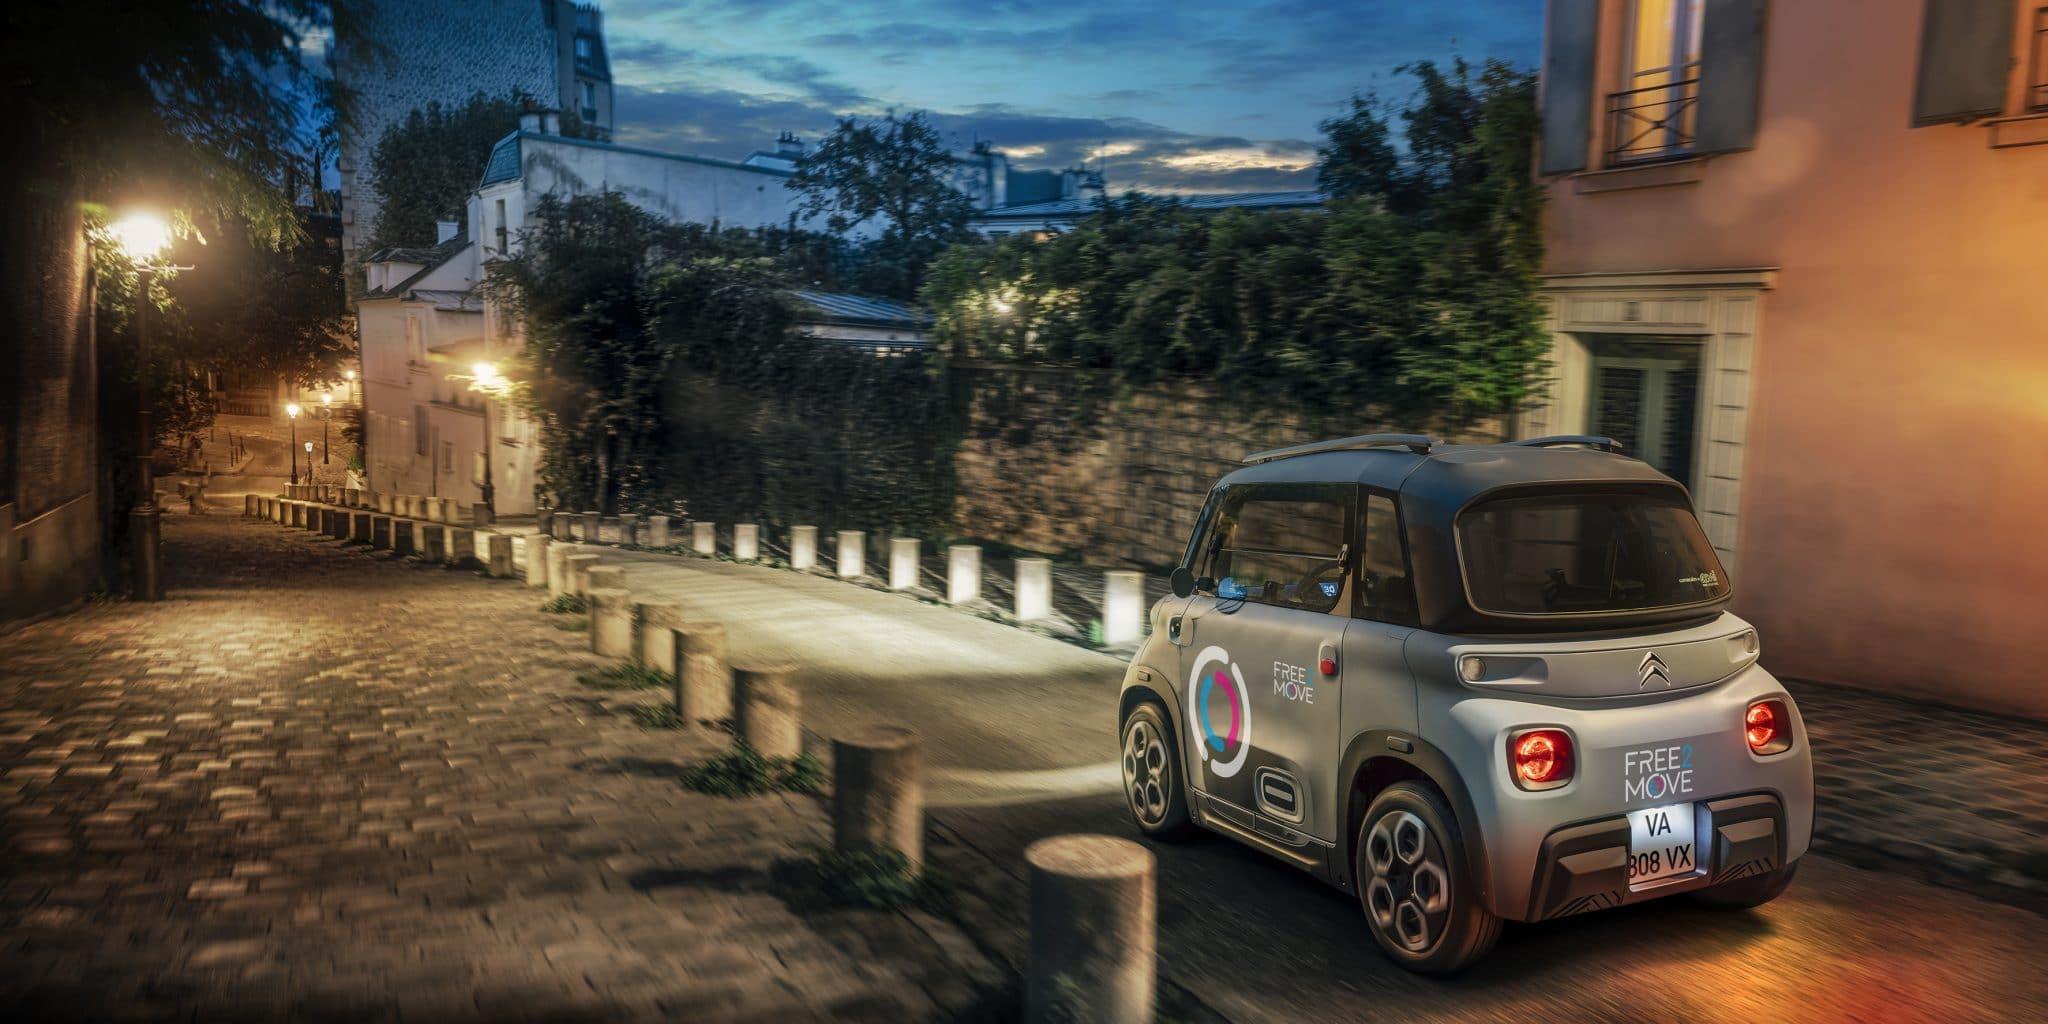 free2move paris découverte carsharing autopartage location déplacements nuit citroen ami